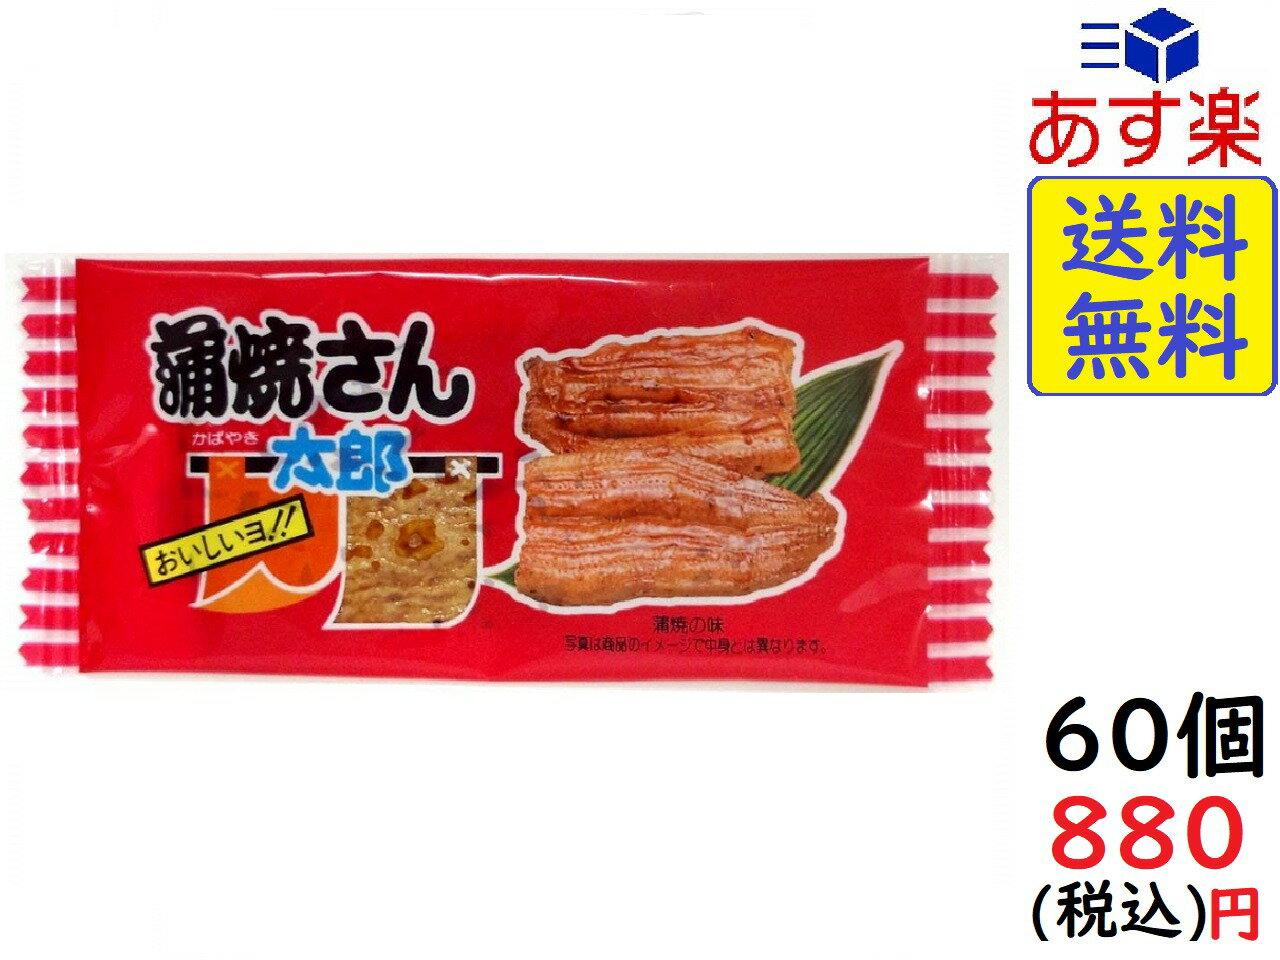 菓道 蒲焼さん太郎 ×60袋 賞味期限残り2ヶ月以上。